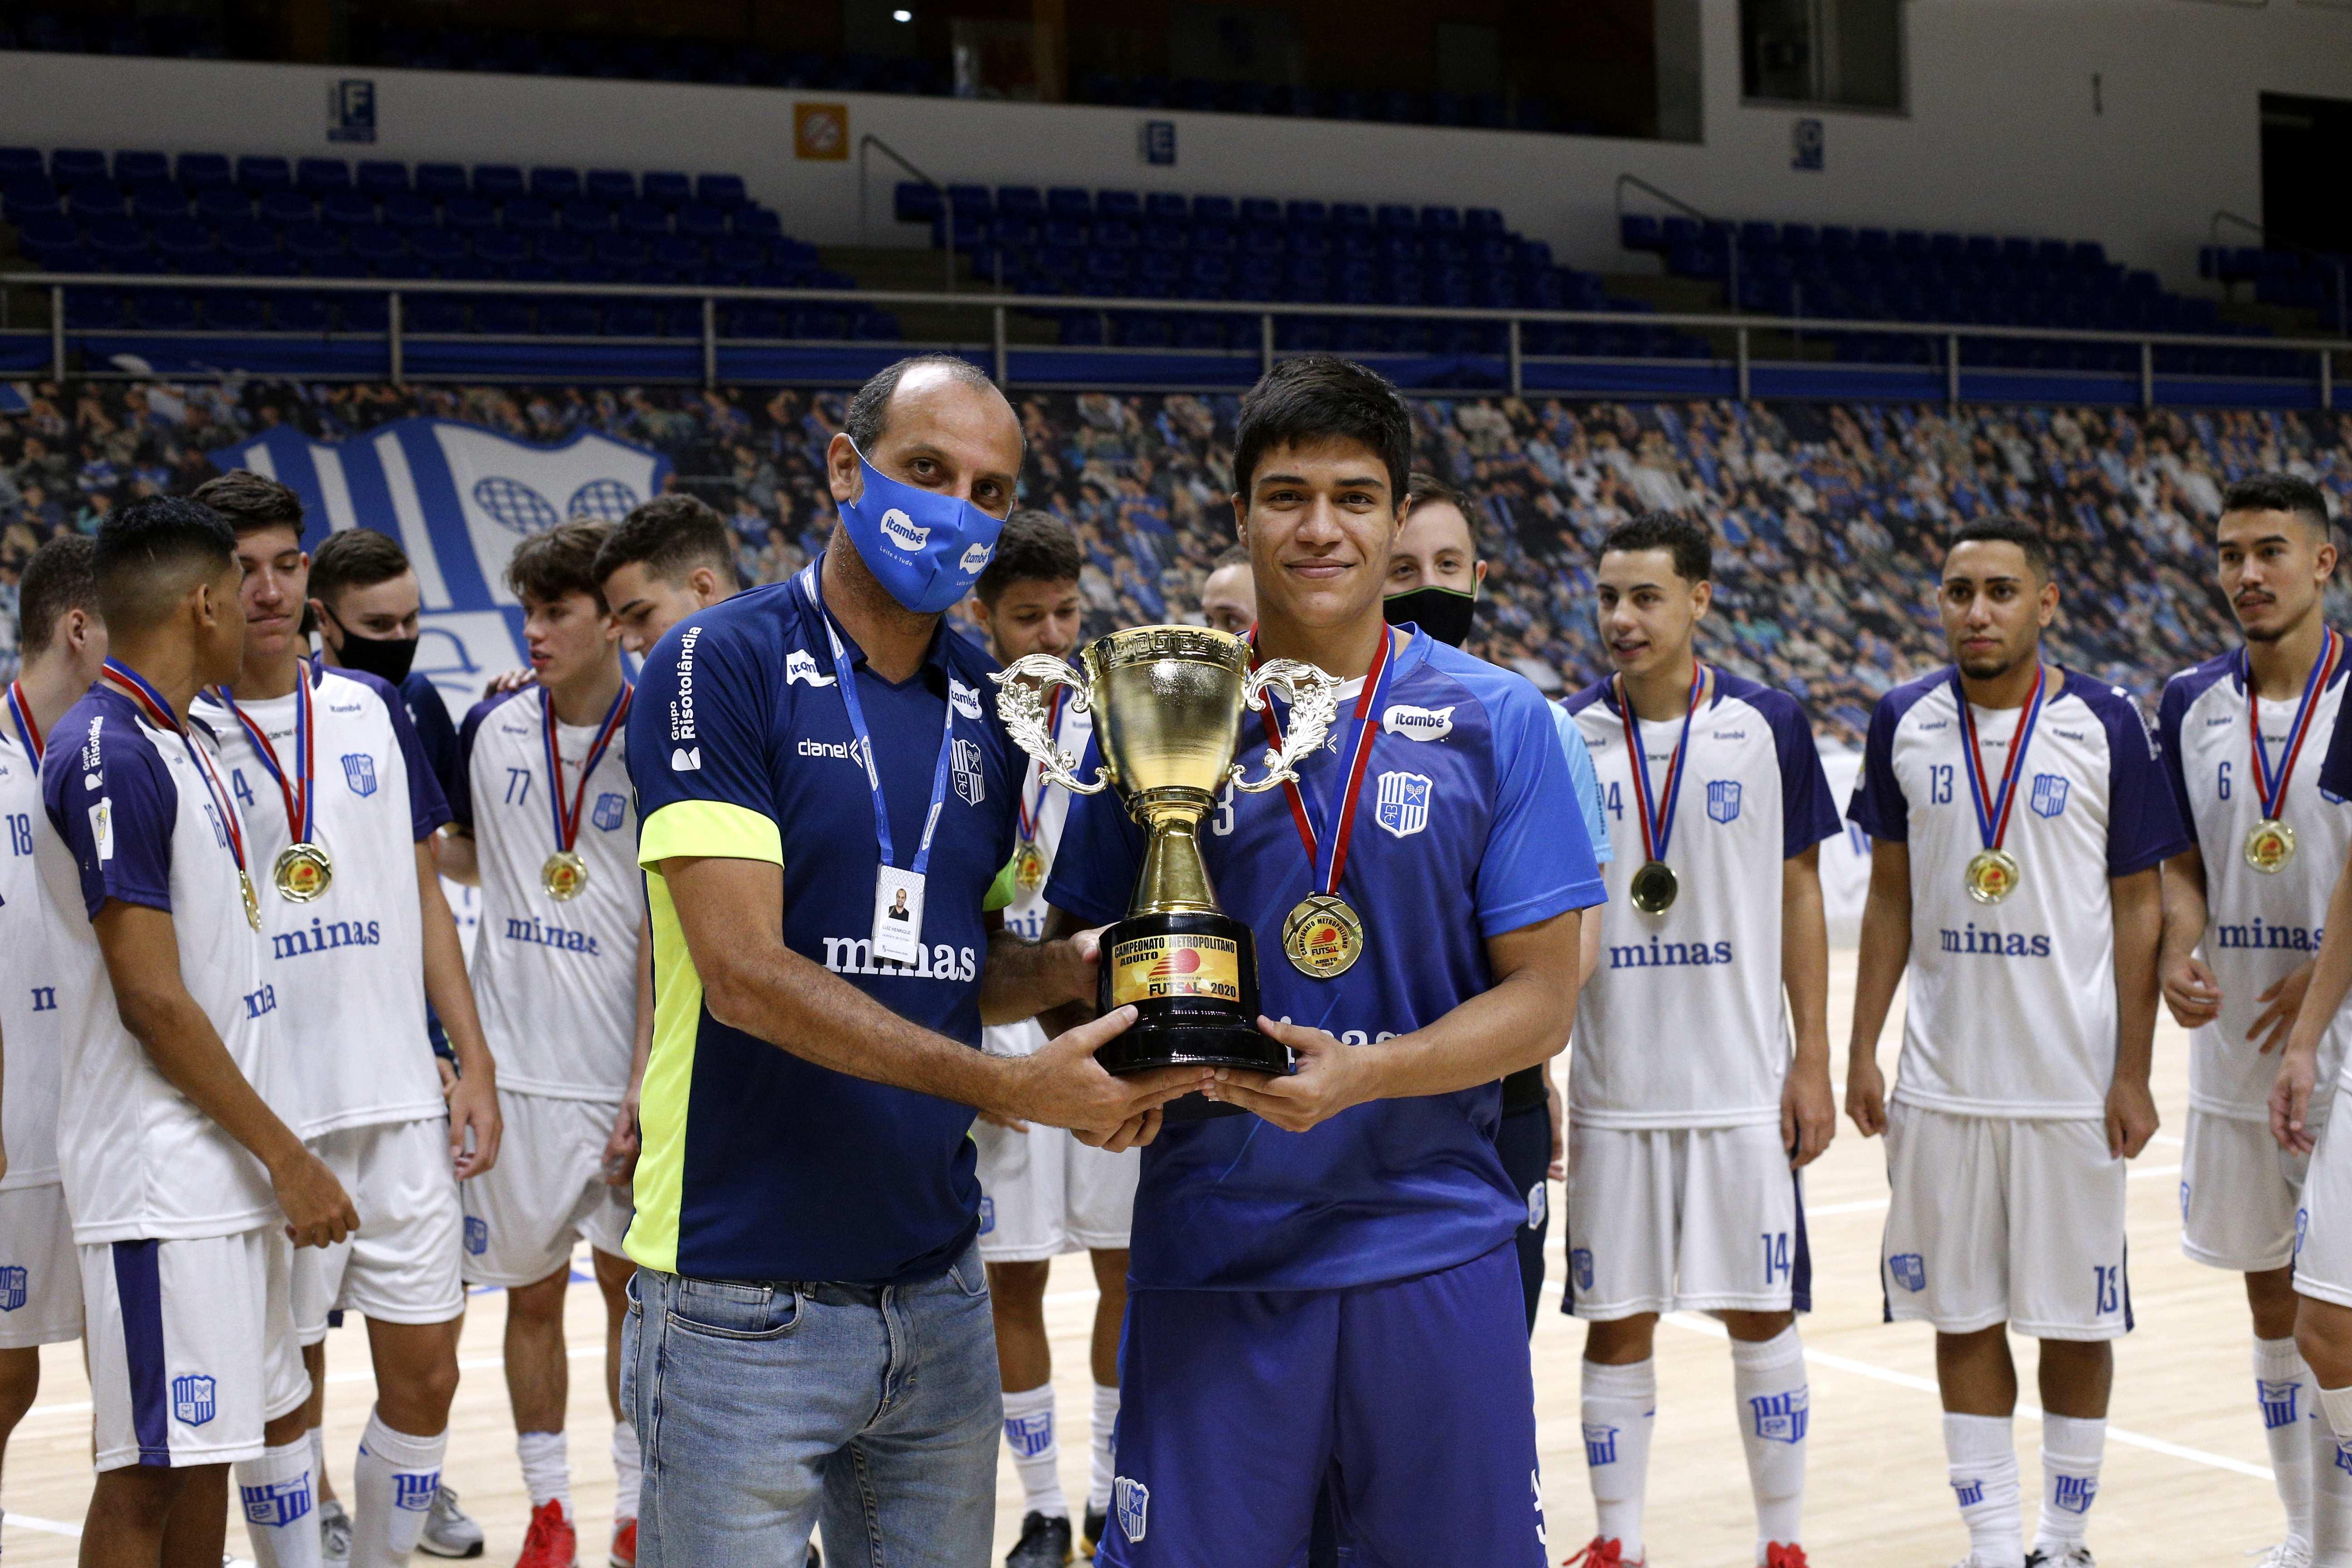 Lucão, que também atua na Liga Nacional de Futsal, é uma das referências deste jovem elenco (Foto: Orlando Bento/Minas Tênis Clube)